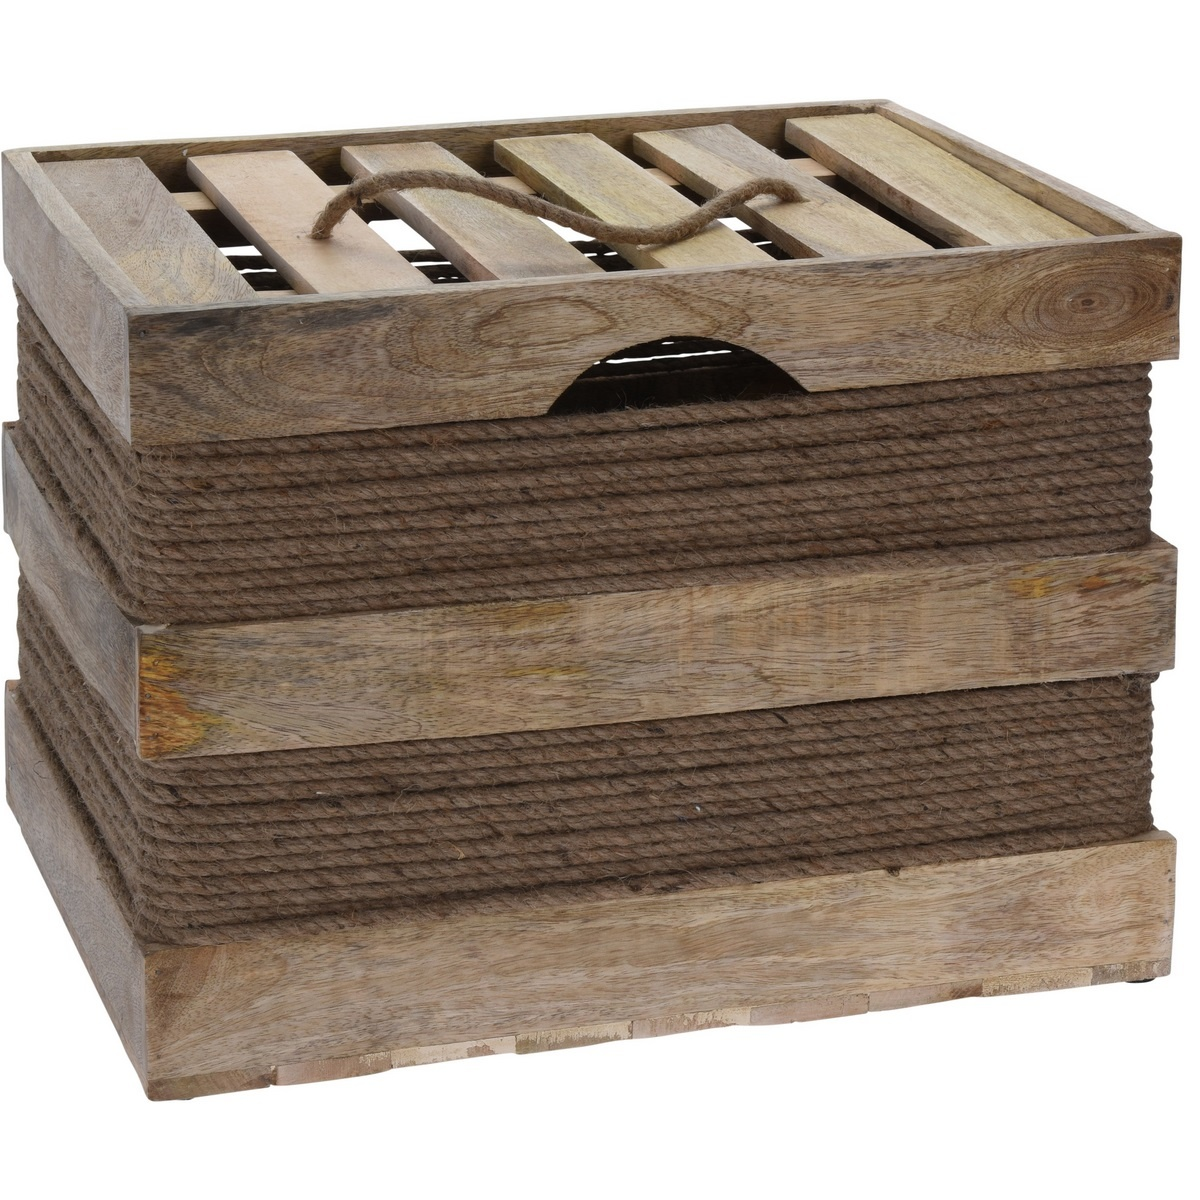 Koopman Sada dekoračních dřevěných boxů Mango wood, 2 ks